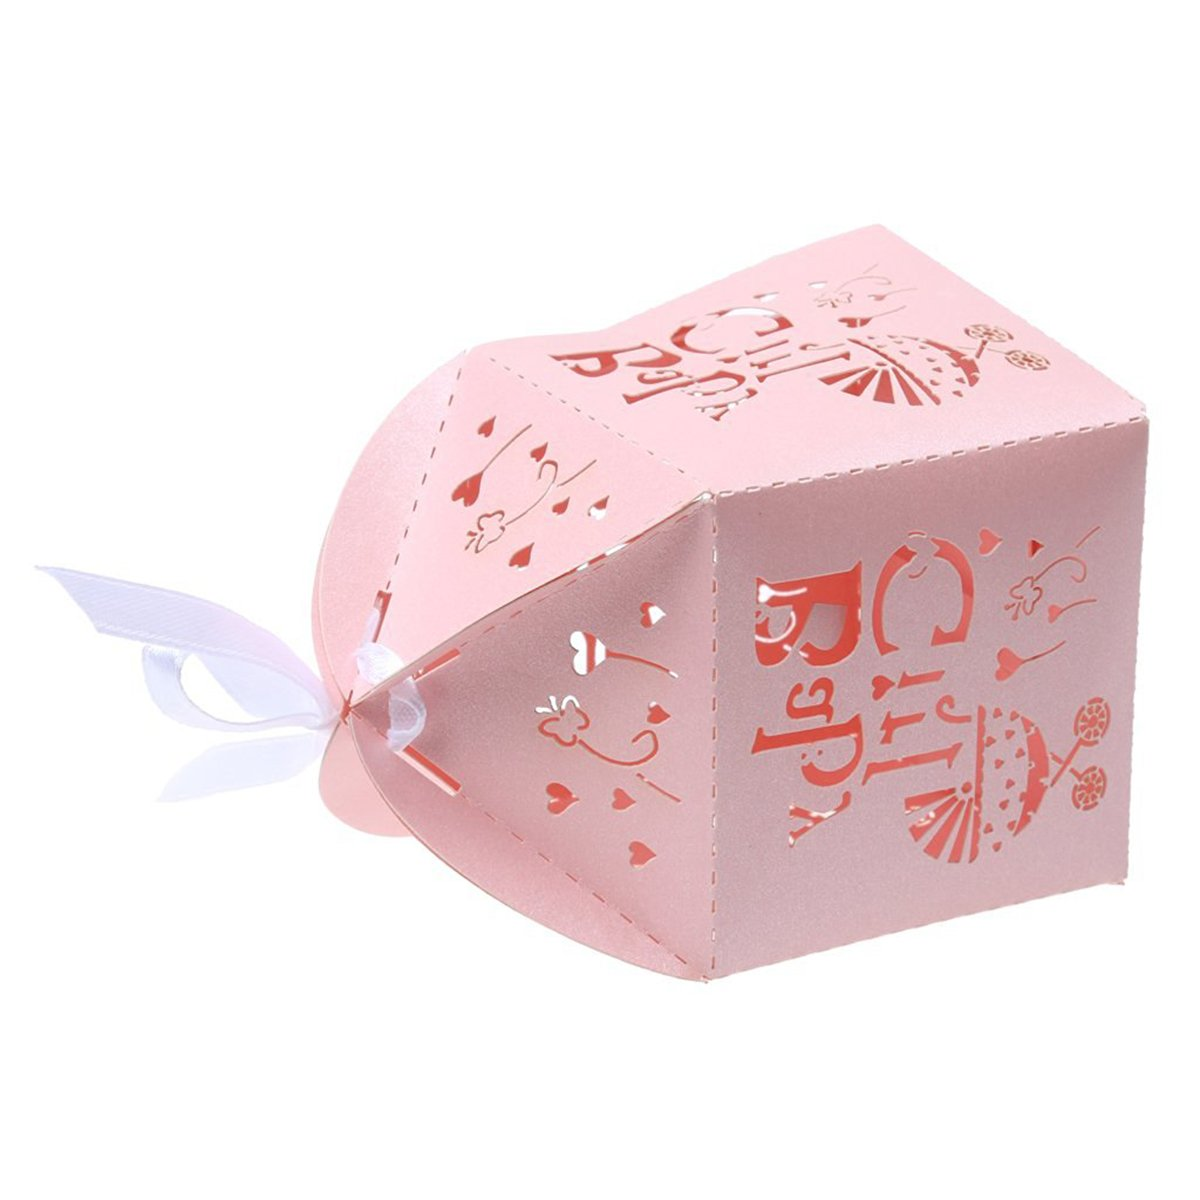 ULTNICE 50 St/ück Geschenkbox,Musik Wagen S/ü/ßigkeit K/ästen Hochzeit Bevorzugungen Box f/ür Hochzeit//Geburtstag//Party,Rosa